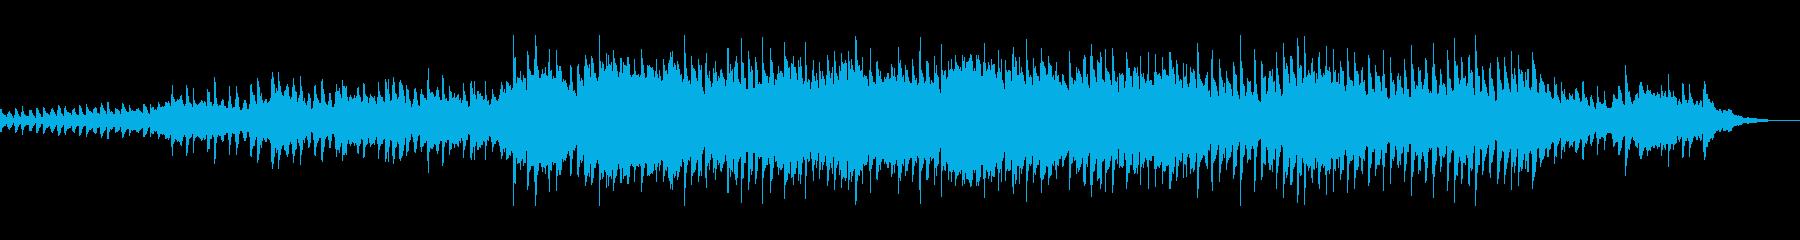 マリンバとピアノの穏やかで壮大なBGMの再生済みの波形